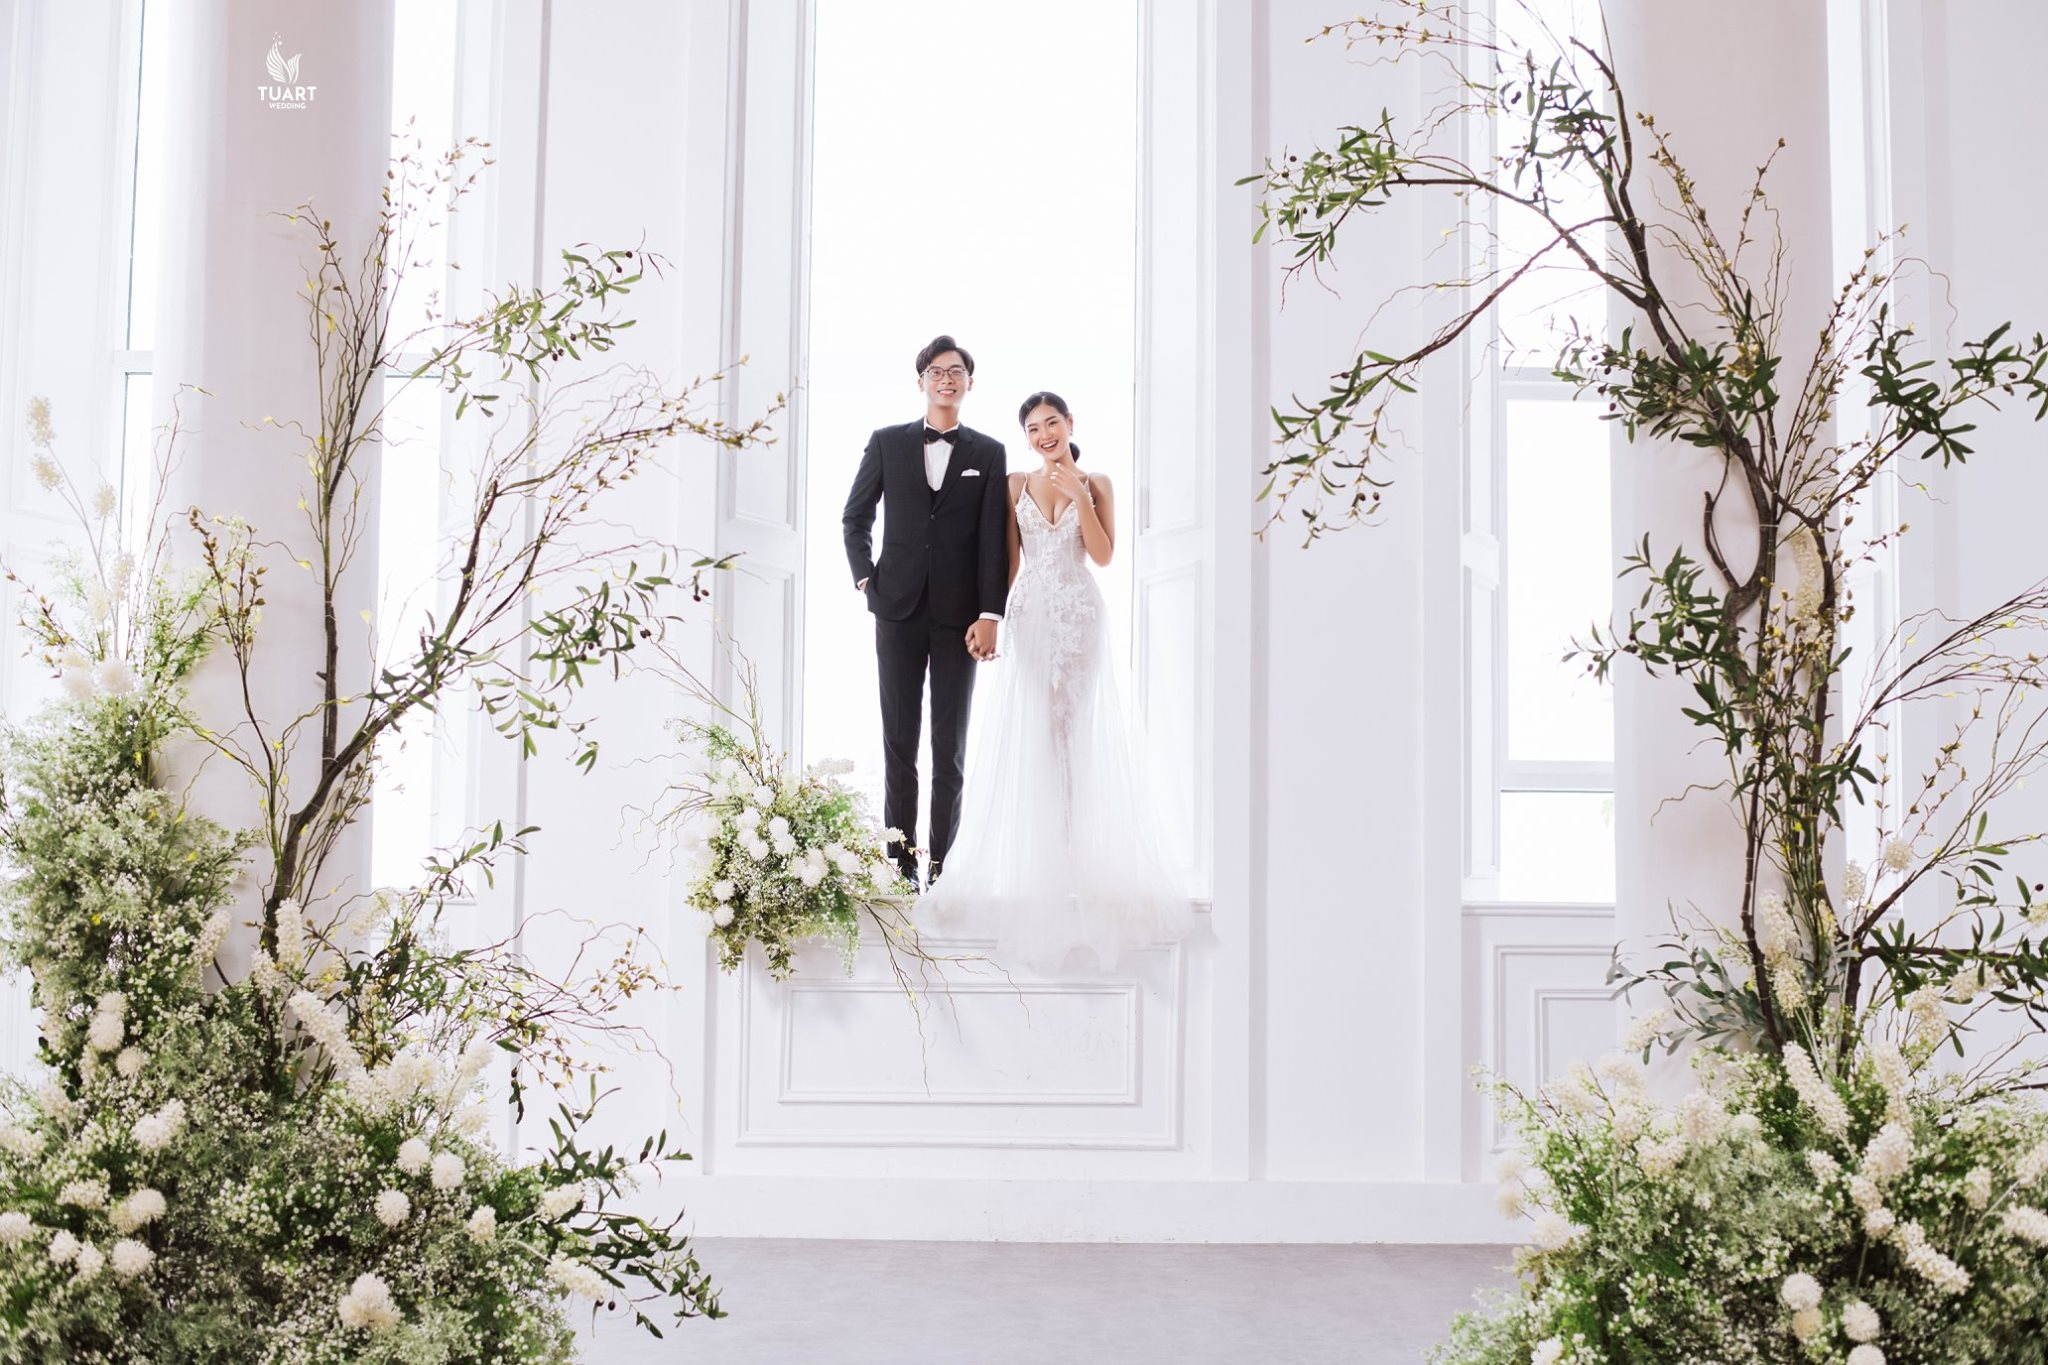 Album chụp ảnh cưới đẹp tại Hà Nội: 5 Graden Studio 22